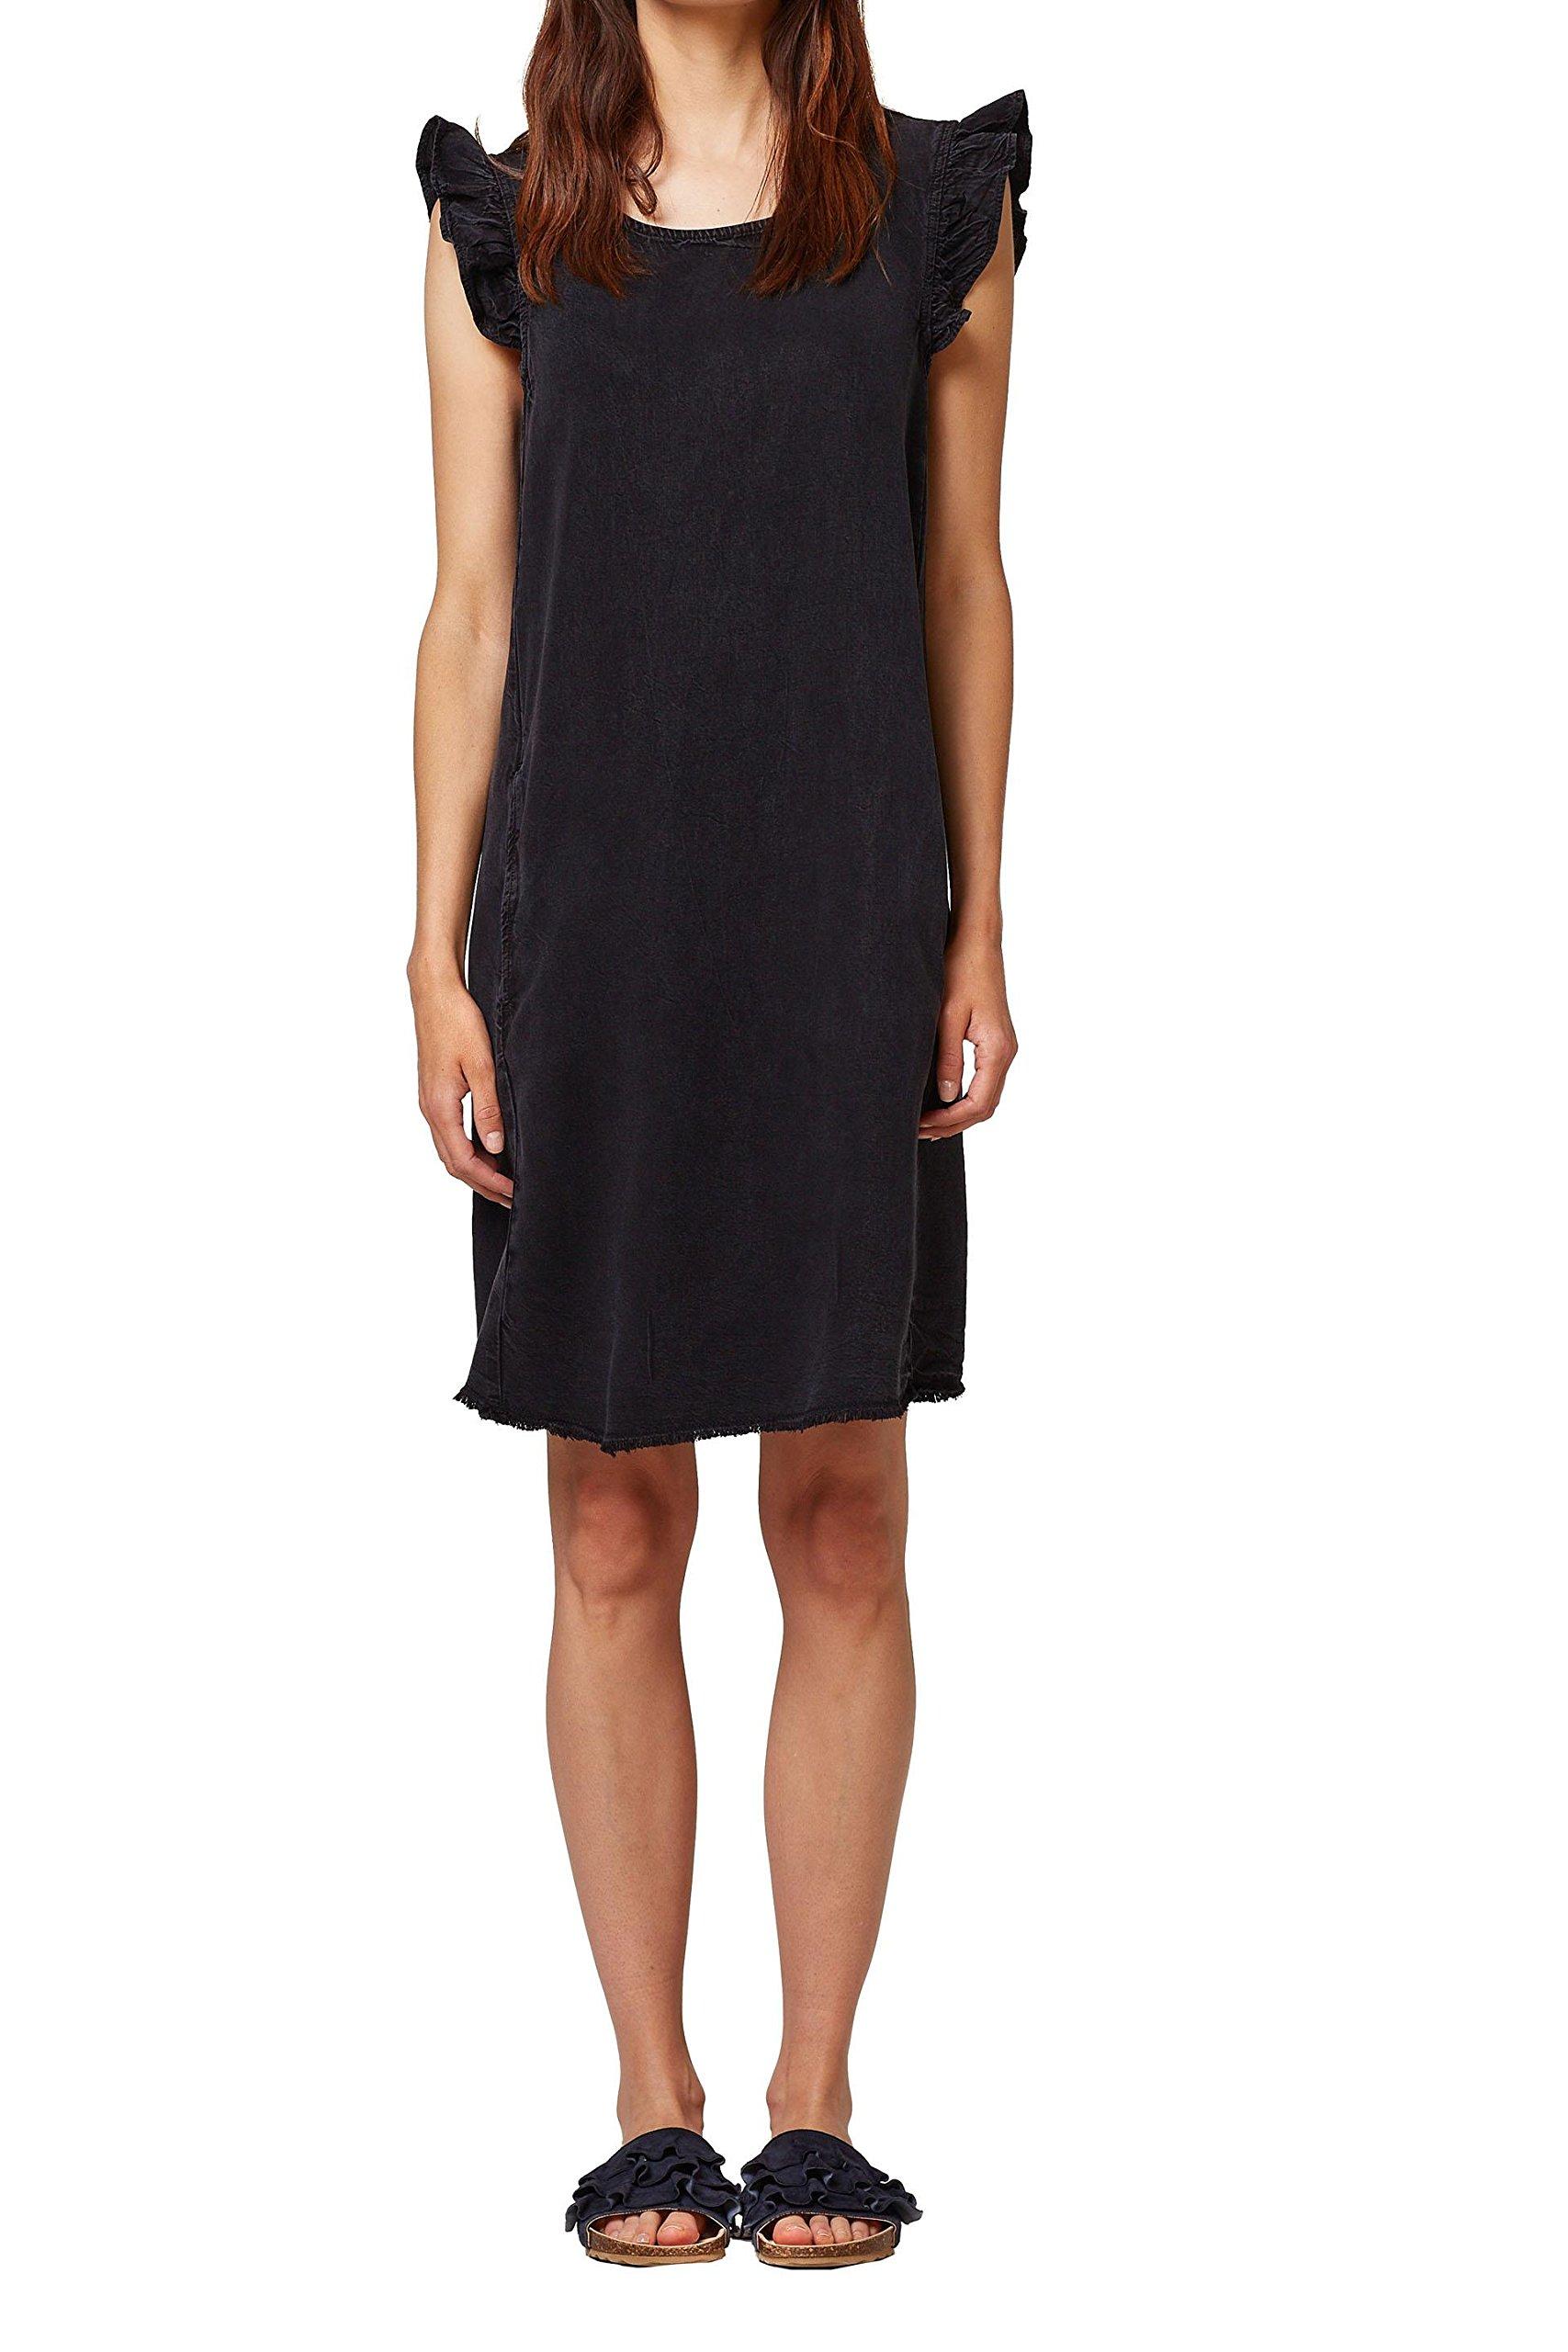 edc by Esprit 078cc1e005, Vestido para Mujer, Gris (Anthracite 010) 42 (Talla del Fabricante: 40)